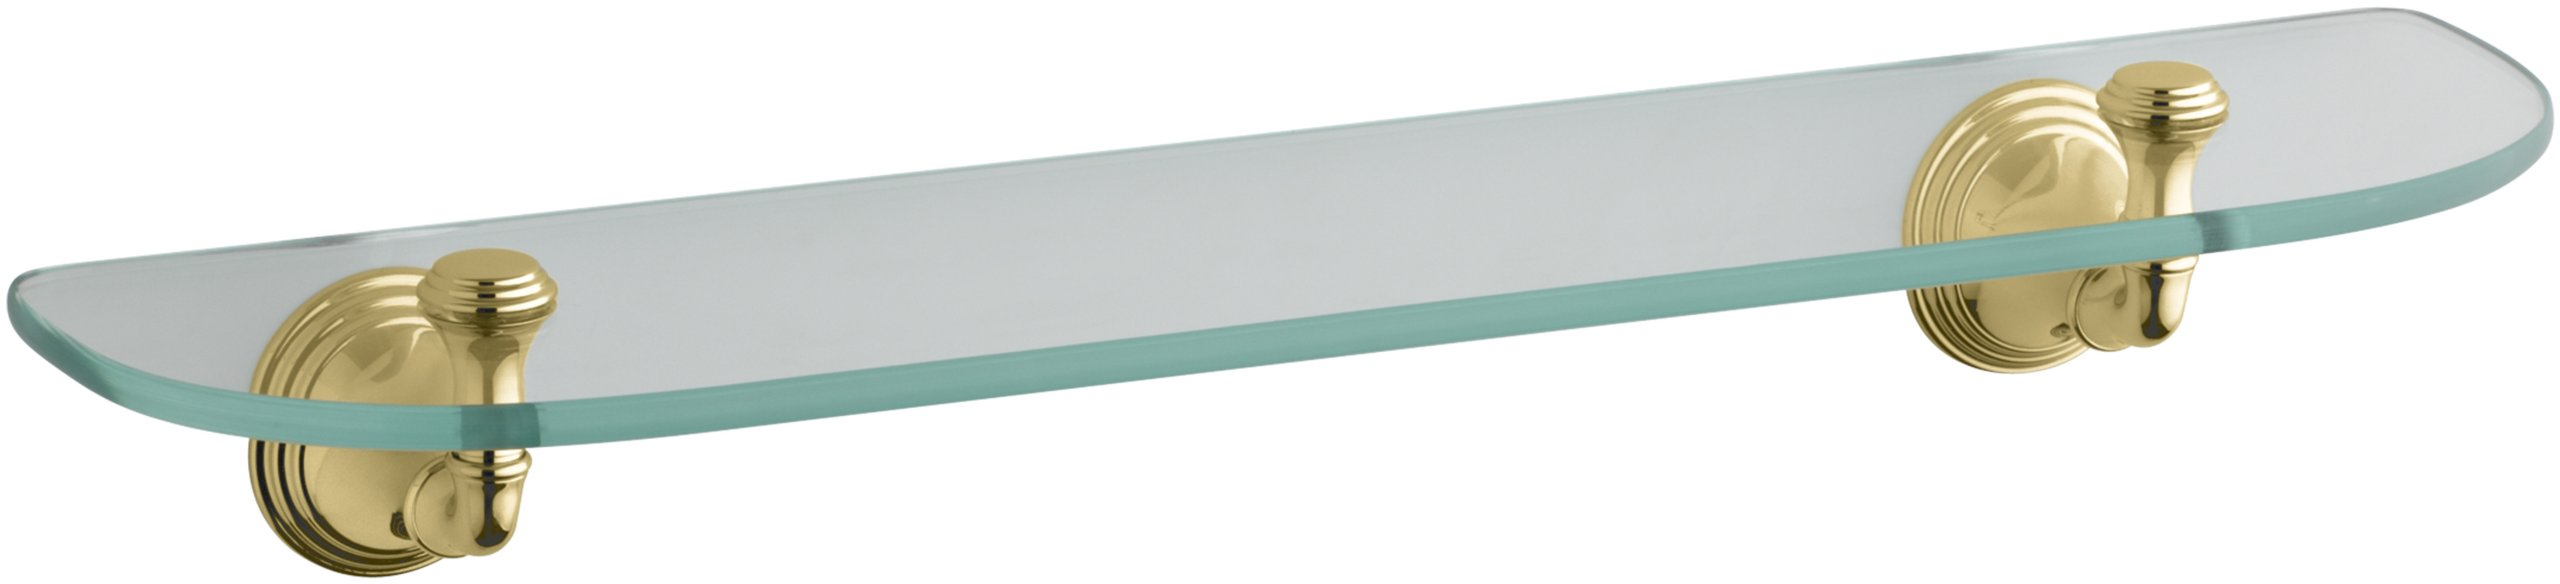 KOHLER K-10563-PB Devonshire Glass Shelf, Vibrant Polished Brass